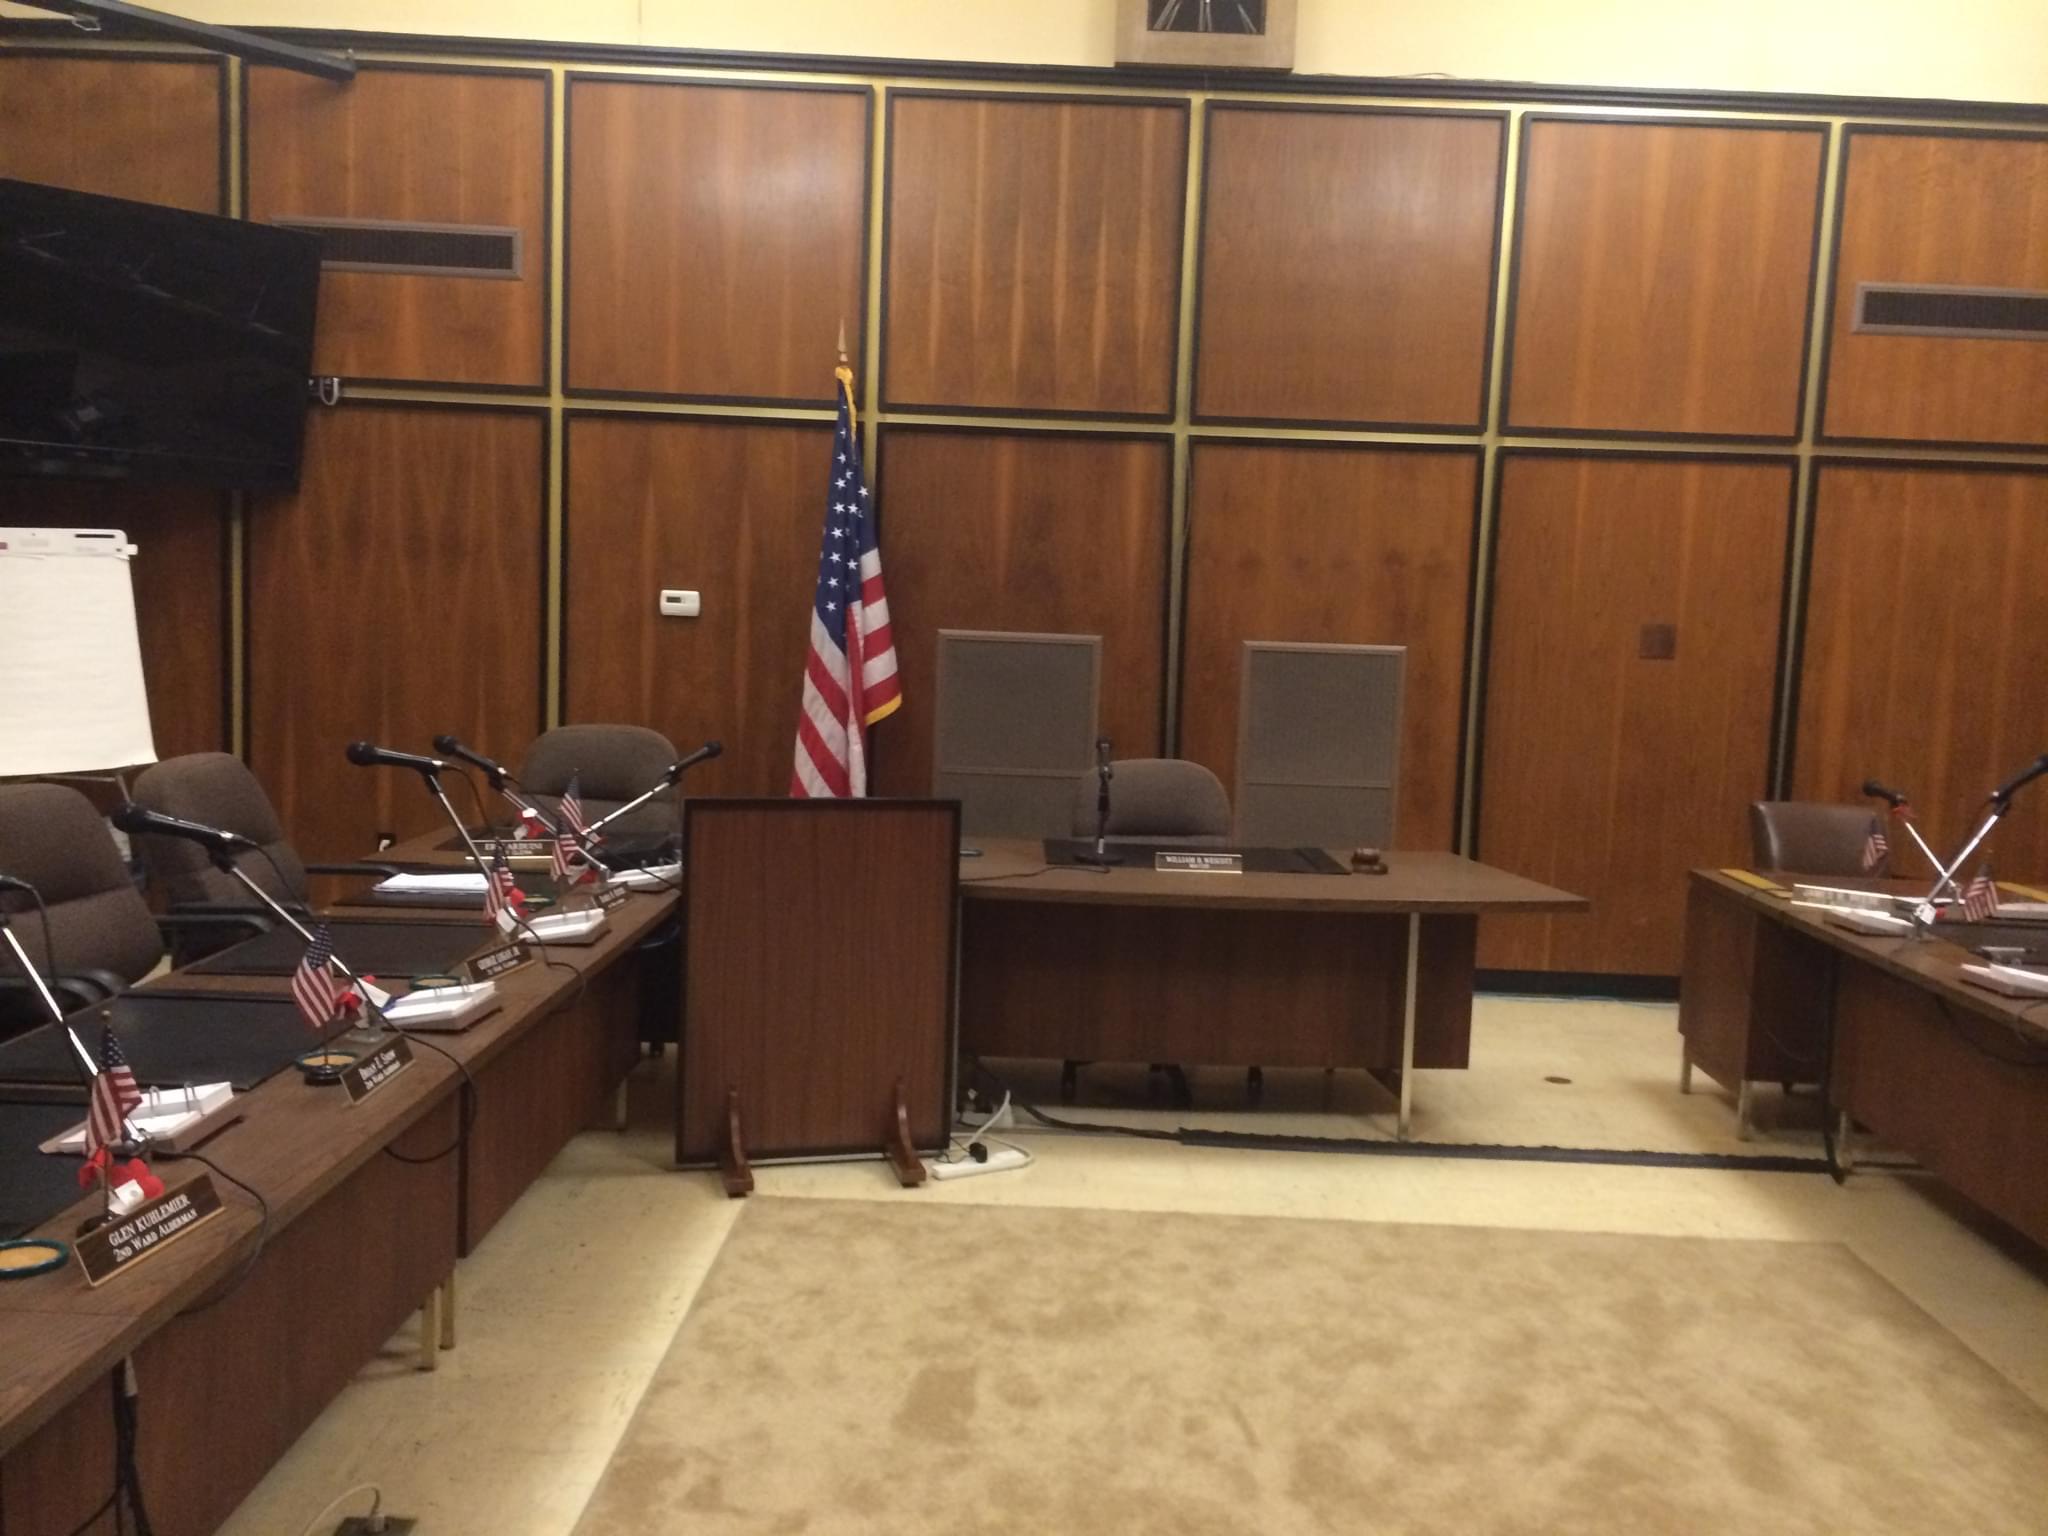 Rock Falls Council Room